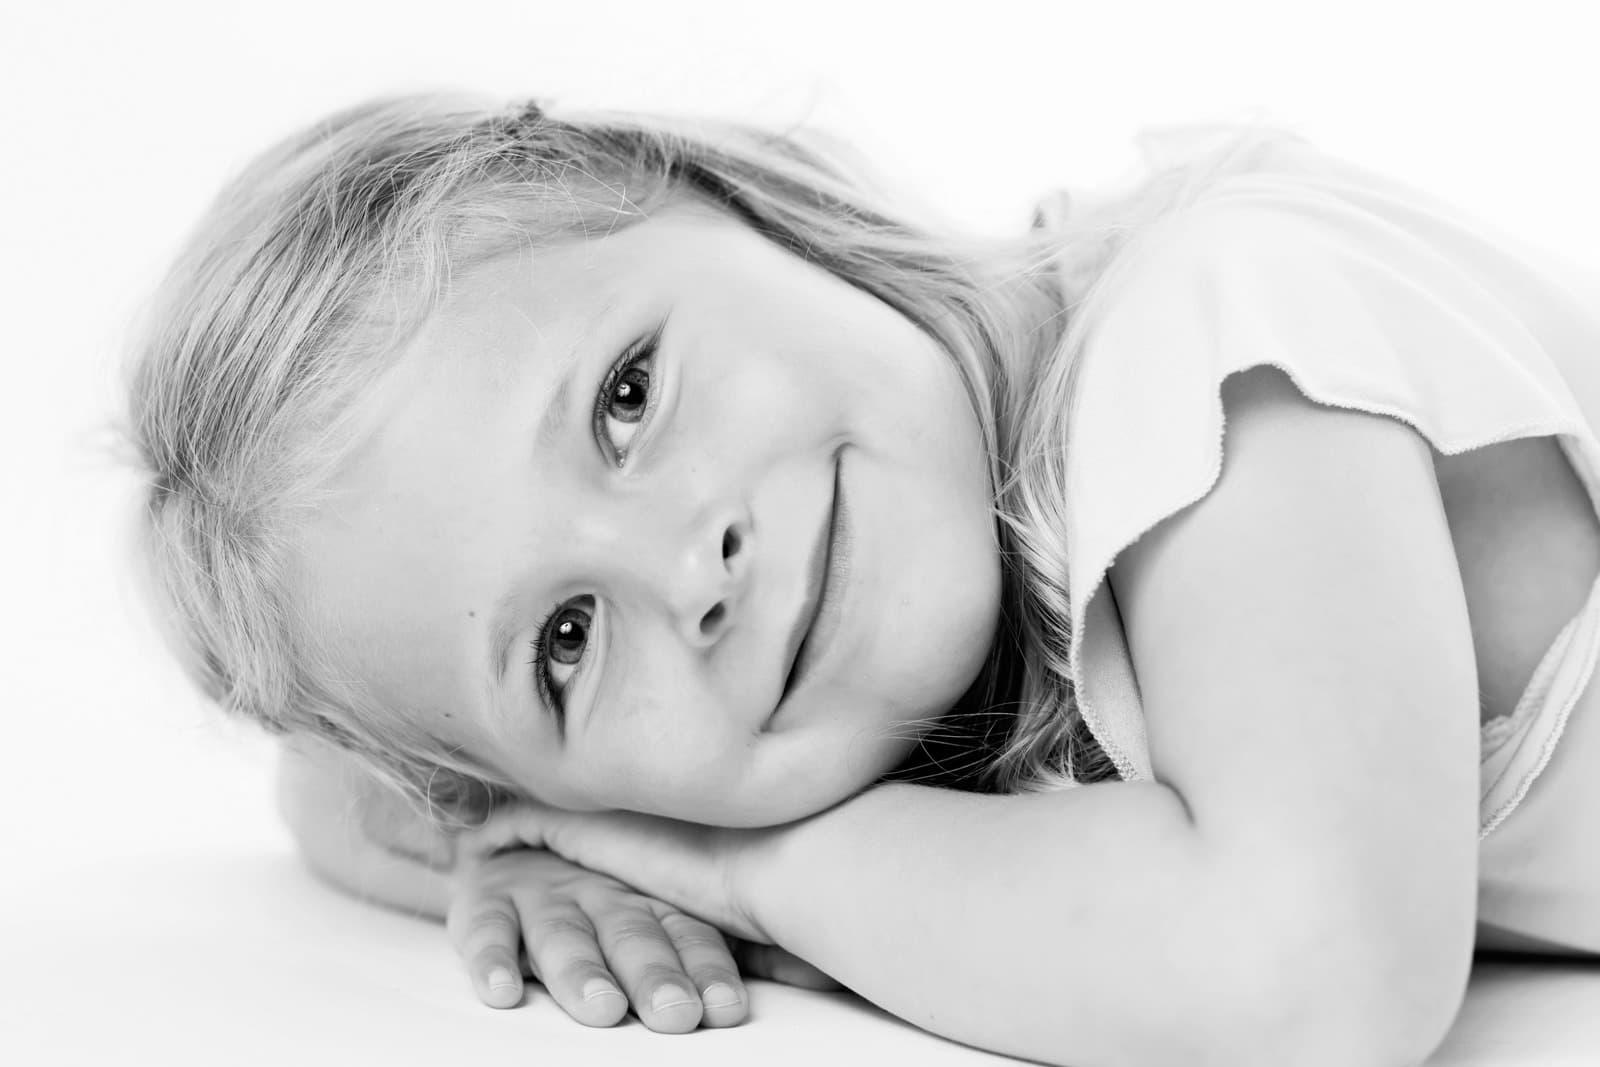 Børnefotograf - del 3